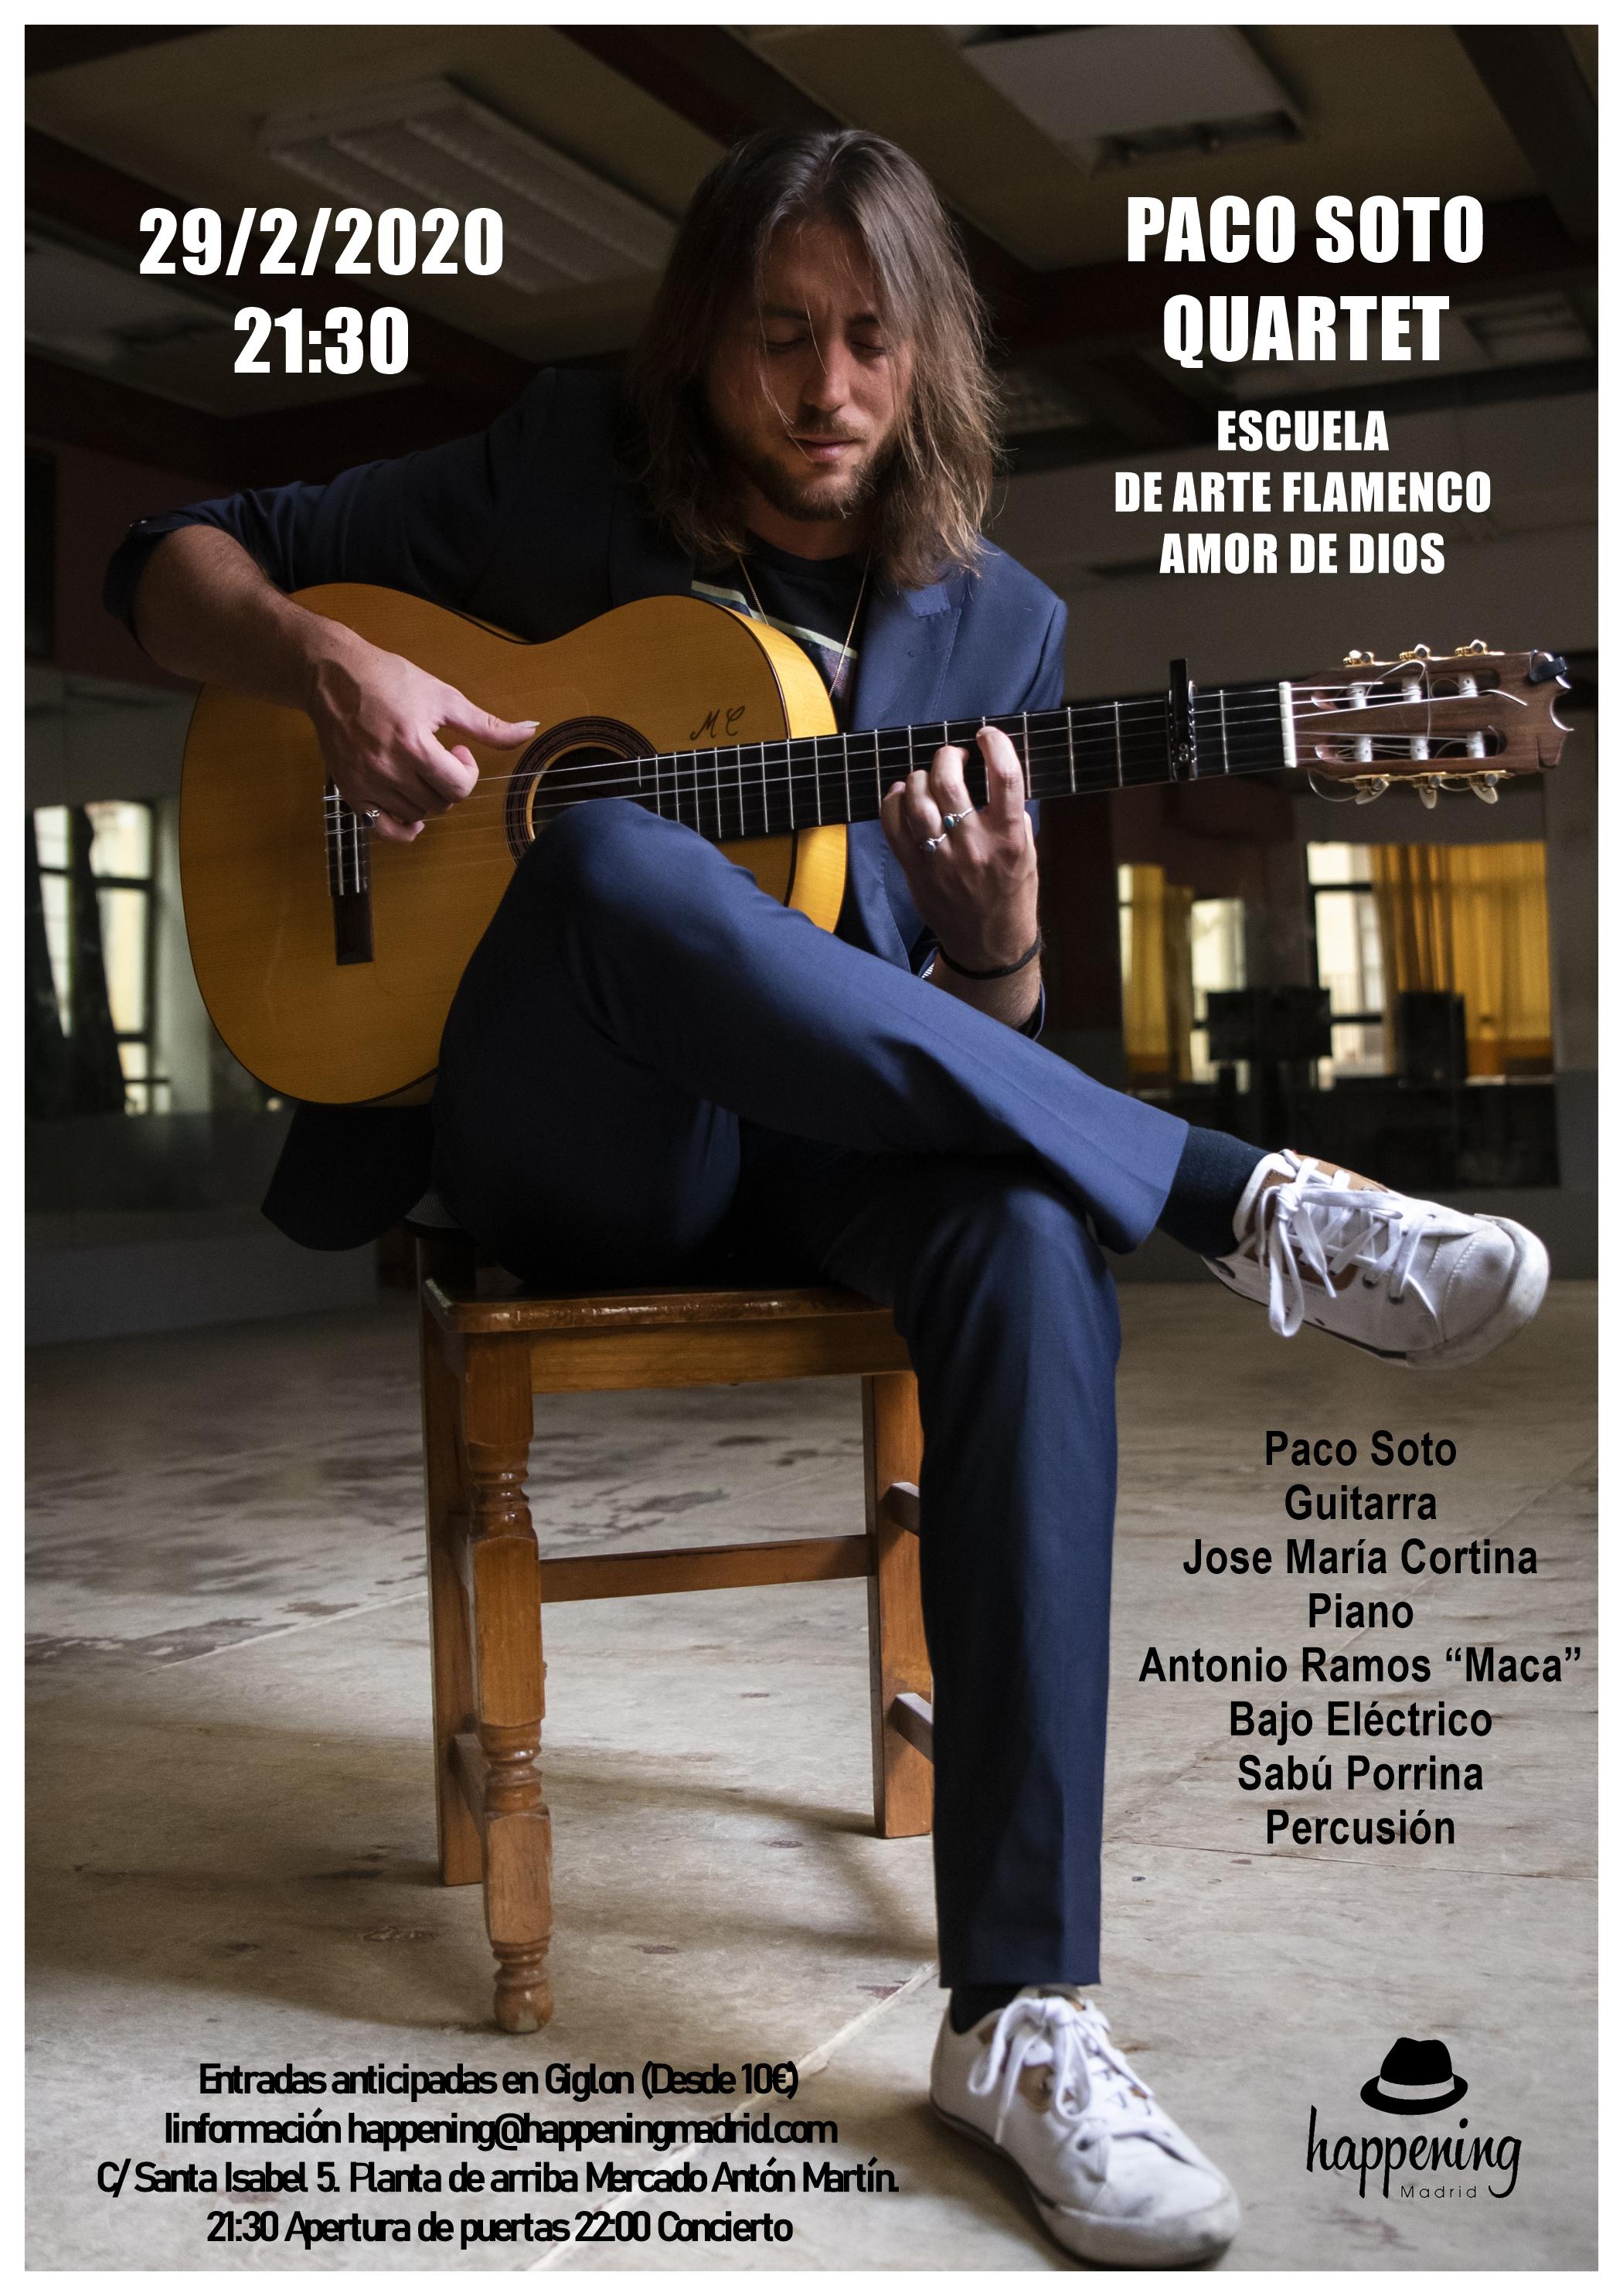 paco soto concierto 29 de febrero color - Un amor de experiencias desde Happening Madrid